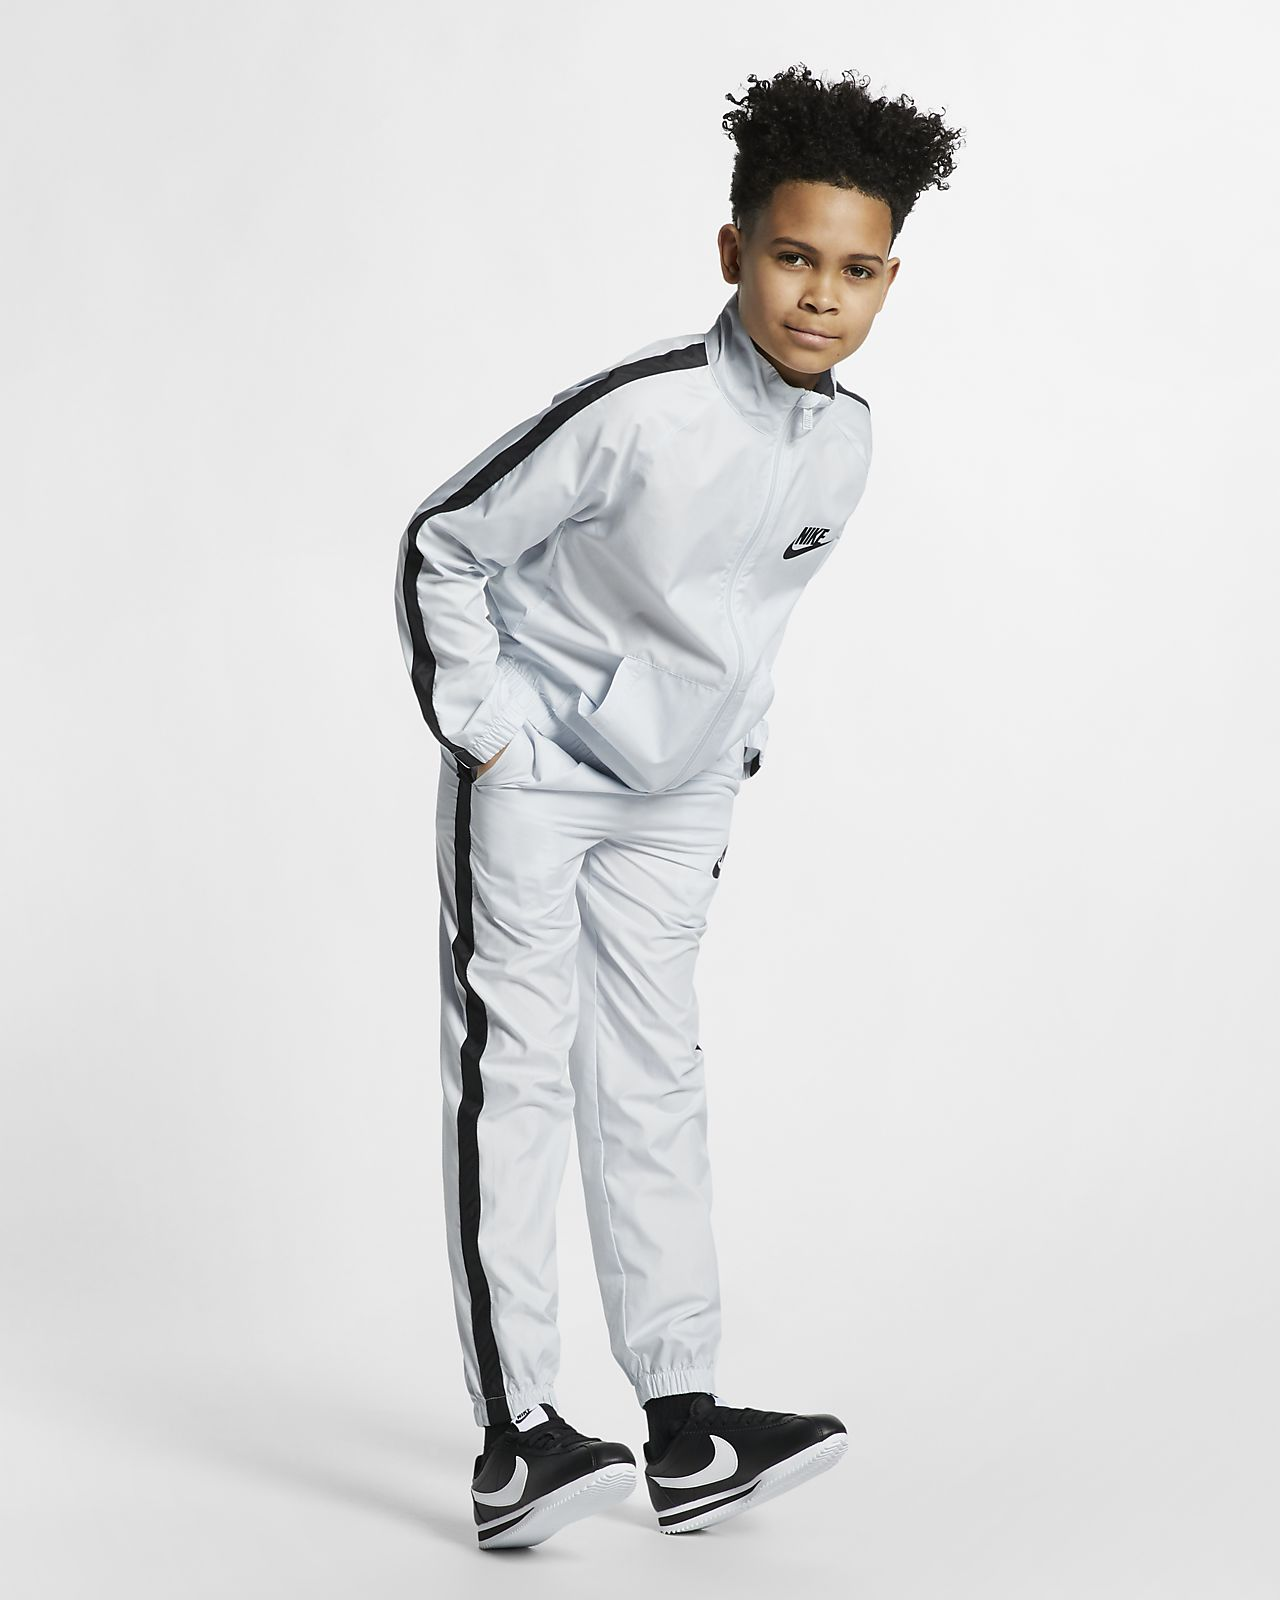 Tkaná tepláková souprava Nike Sportswear pro větší děti